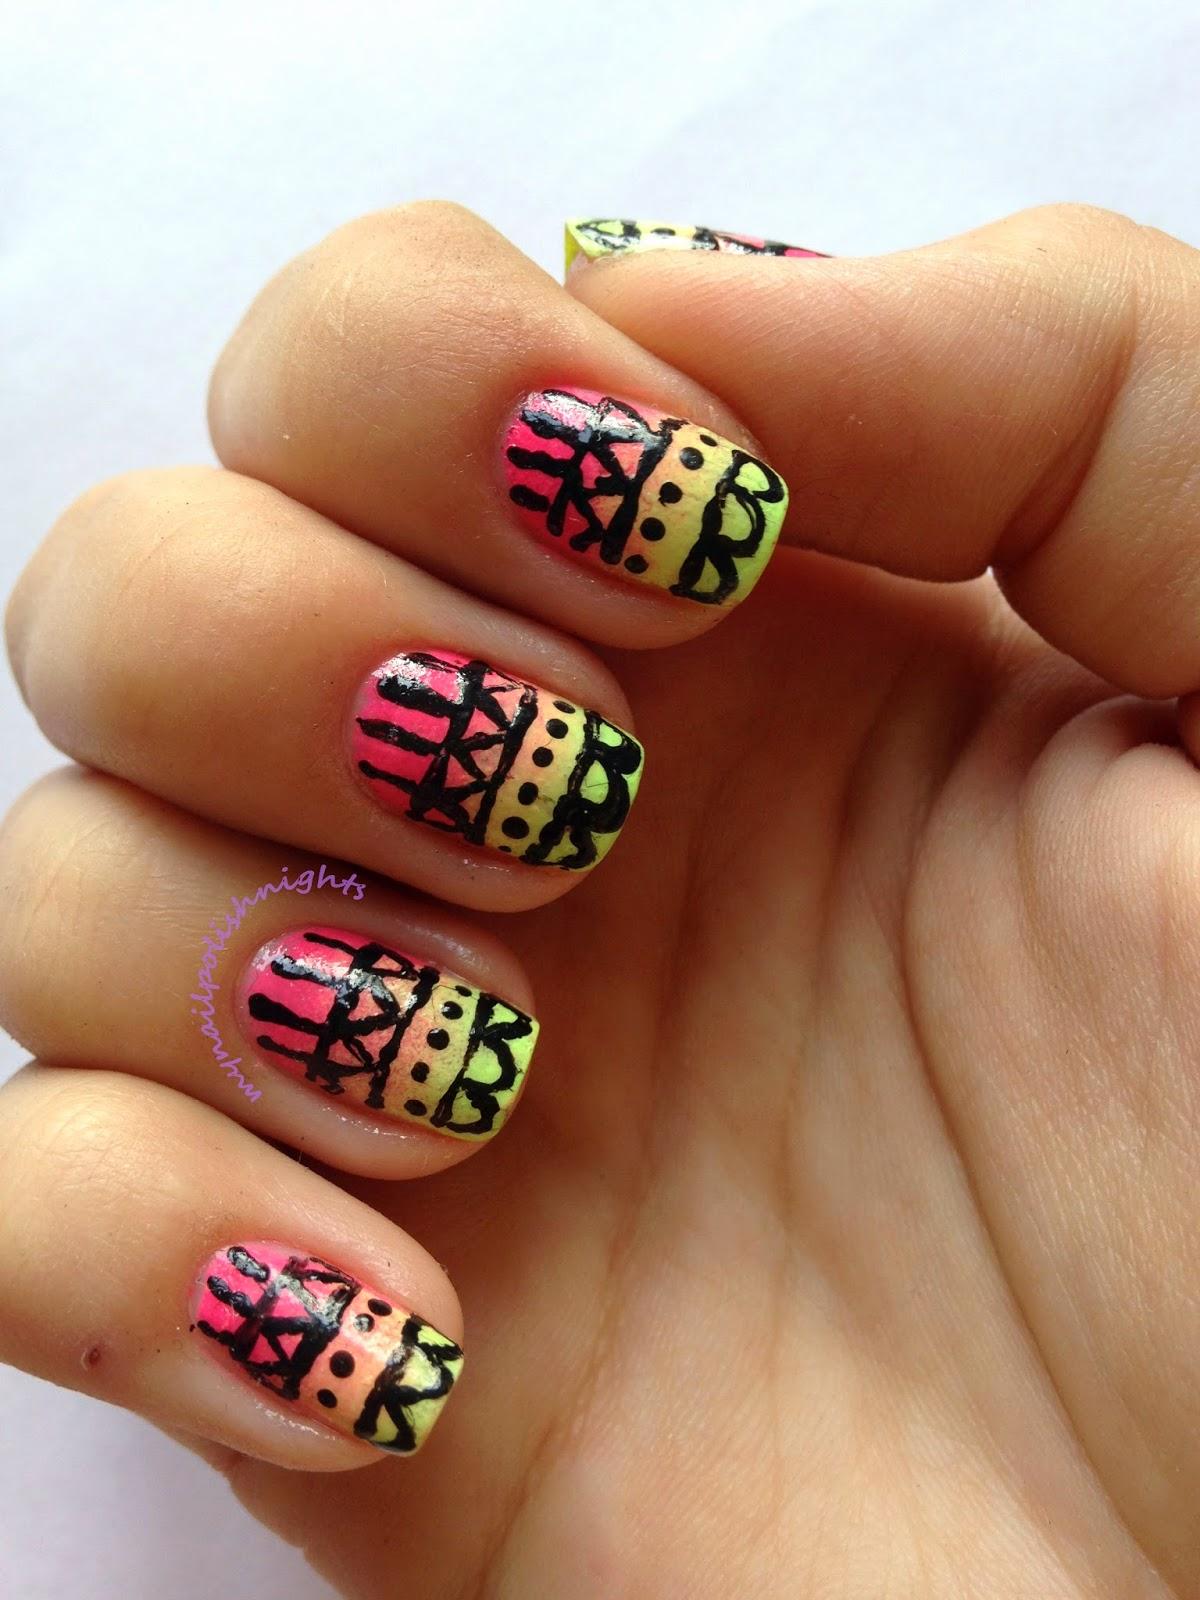 Aztec print nails